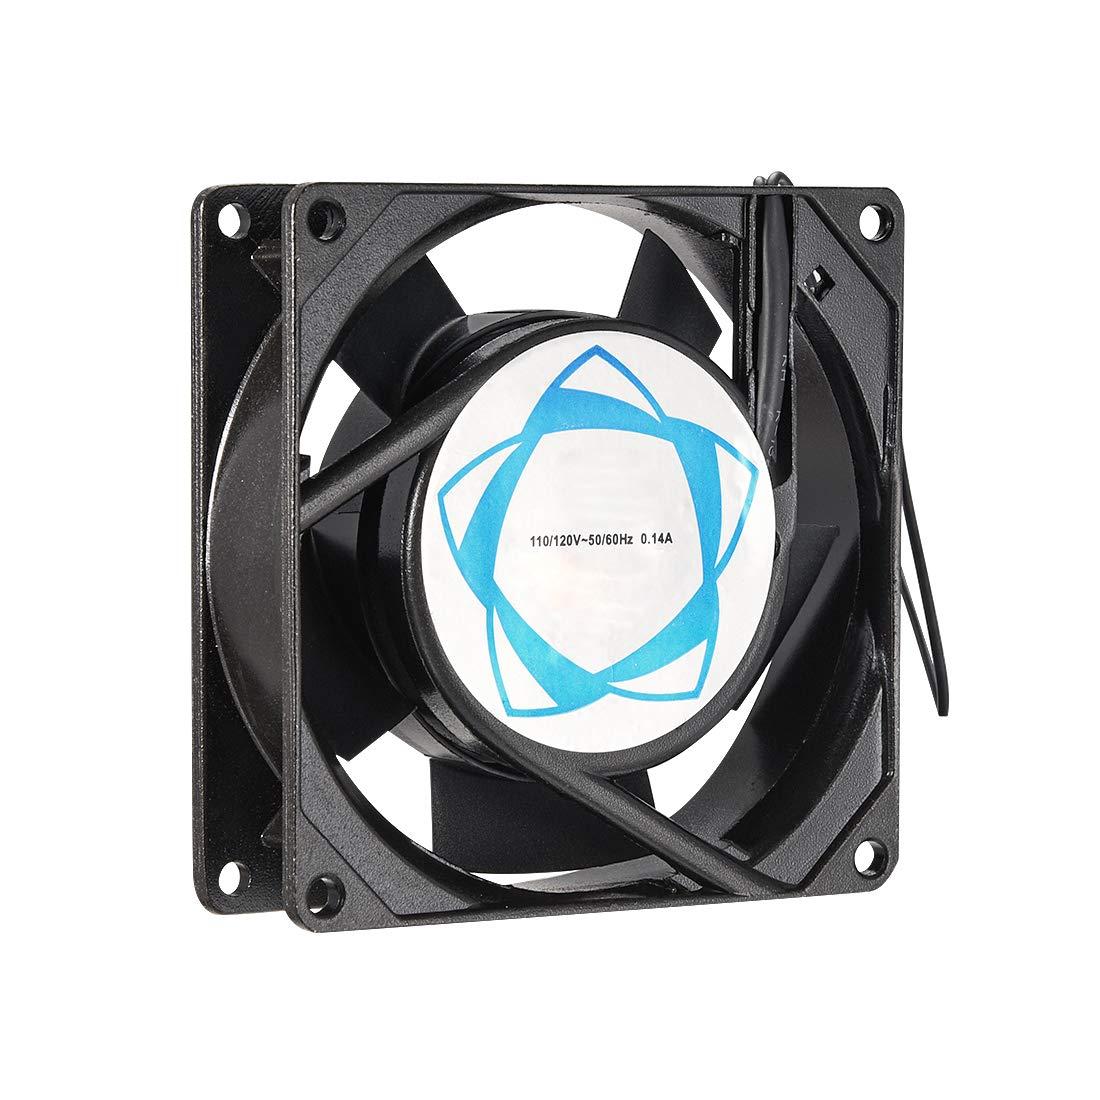 uxcell Cooling Fan 92mm x 92mm x 25mm SF9225AT AC 110V/120V 0.14A Dual Ball Bearings